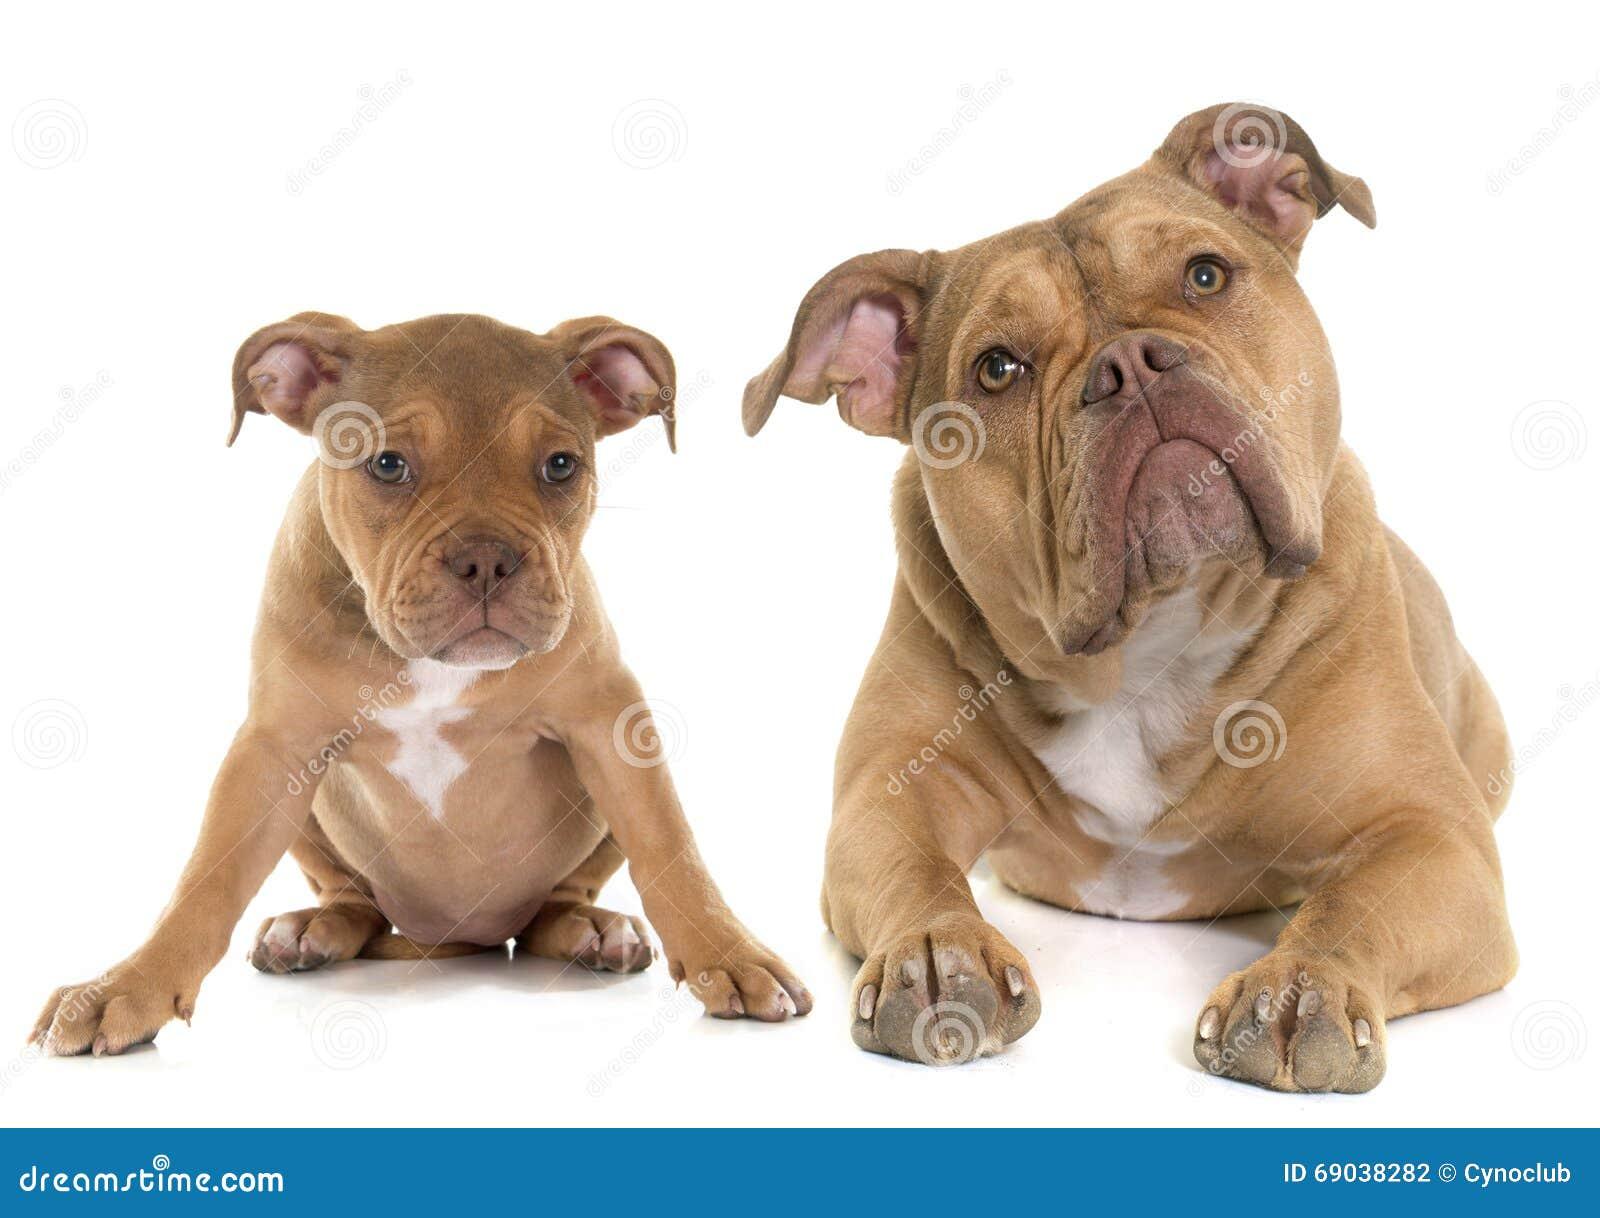 Cucciolo e vecchio bulldog inglese adulto fotografia stock for Bouledogue inglese